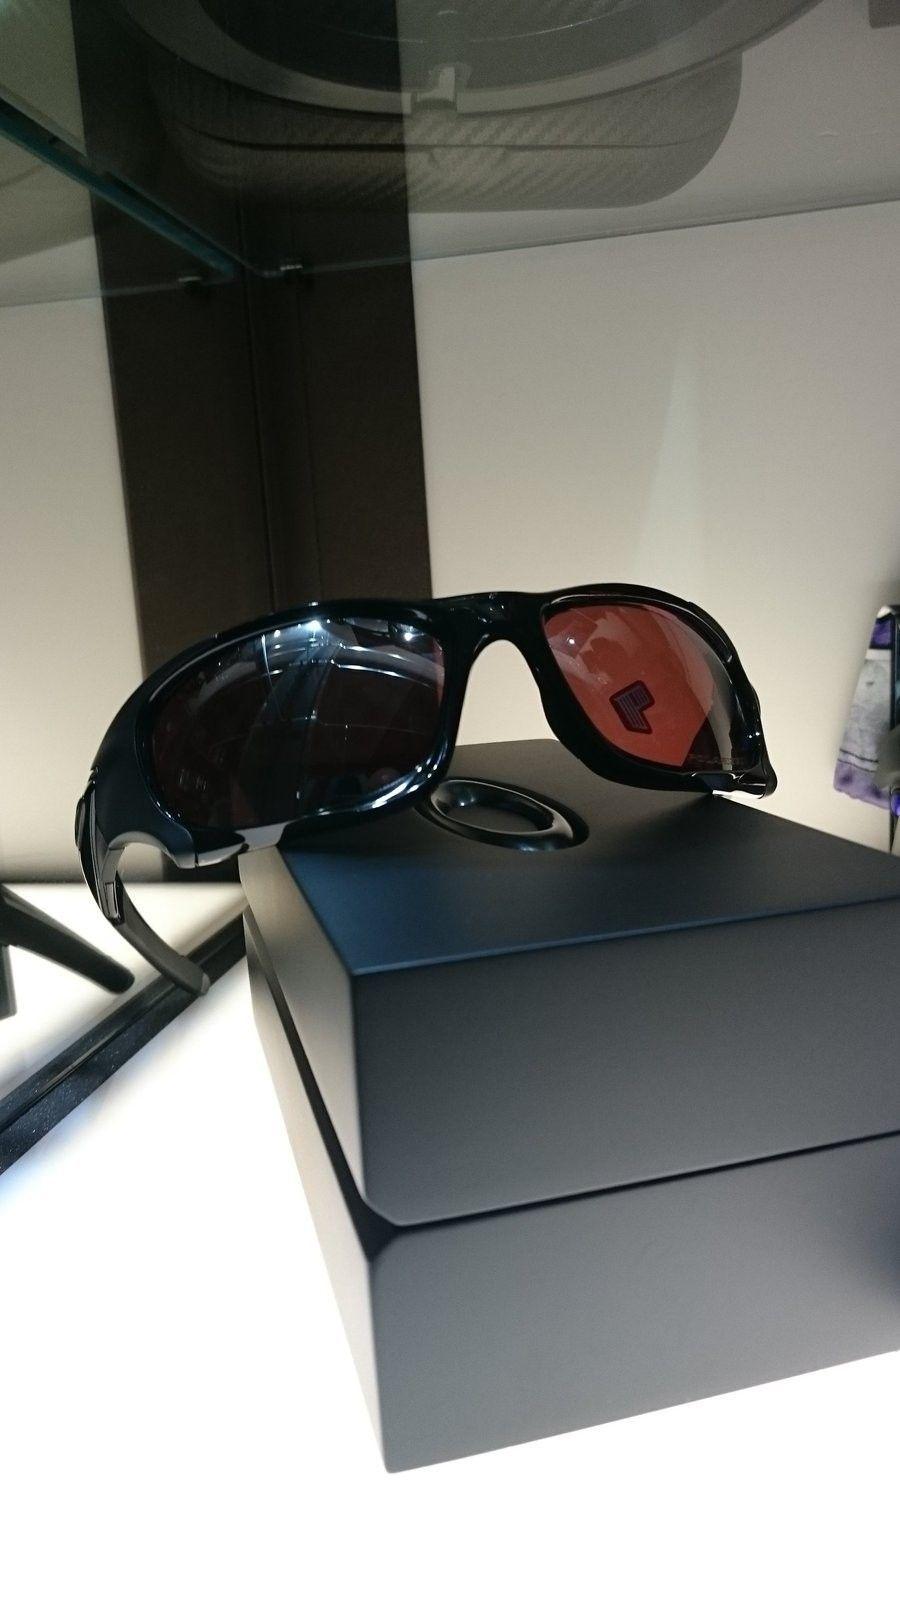 BNIB: PB2 for X-metal Juliet ** Now in sunglasses exchange ** - DSC_0017.JPG